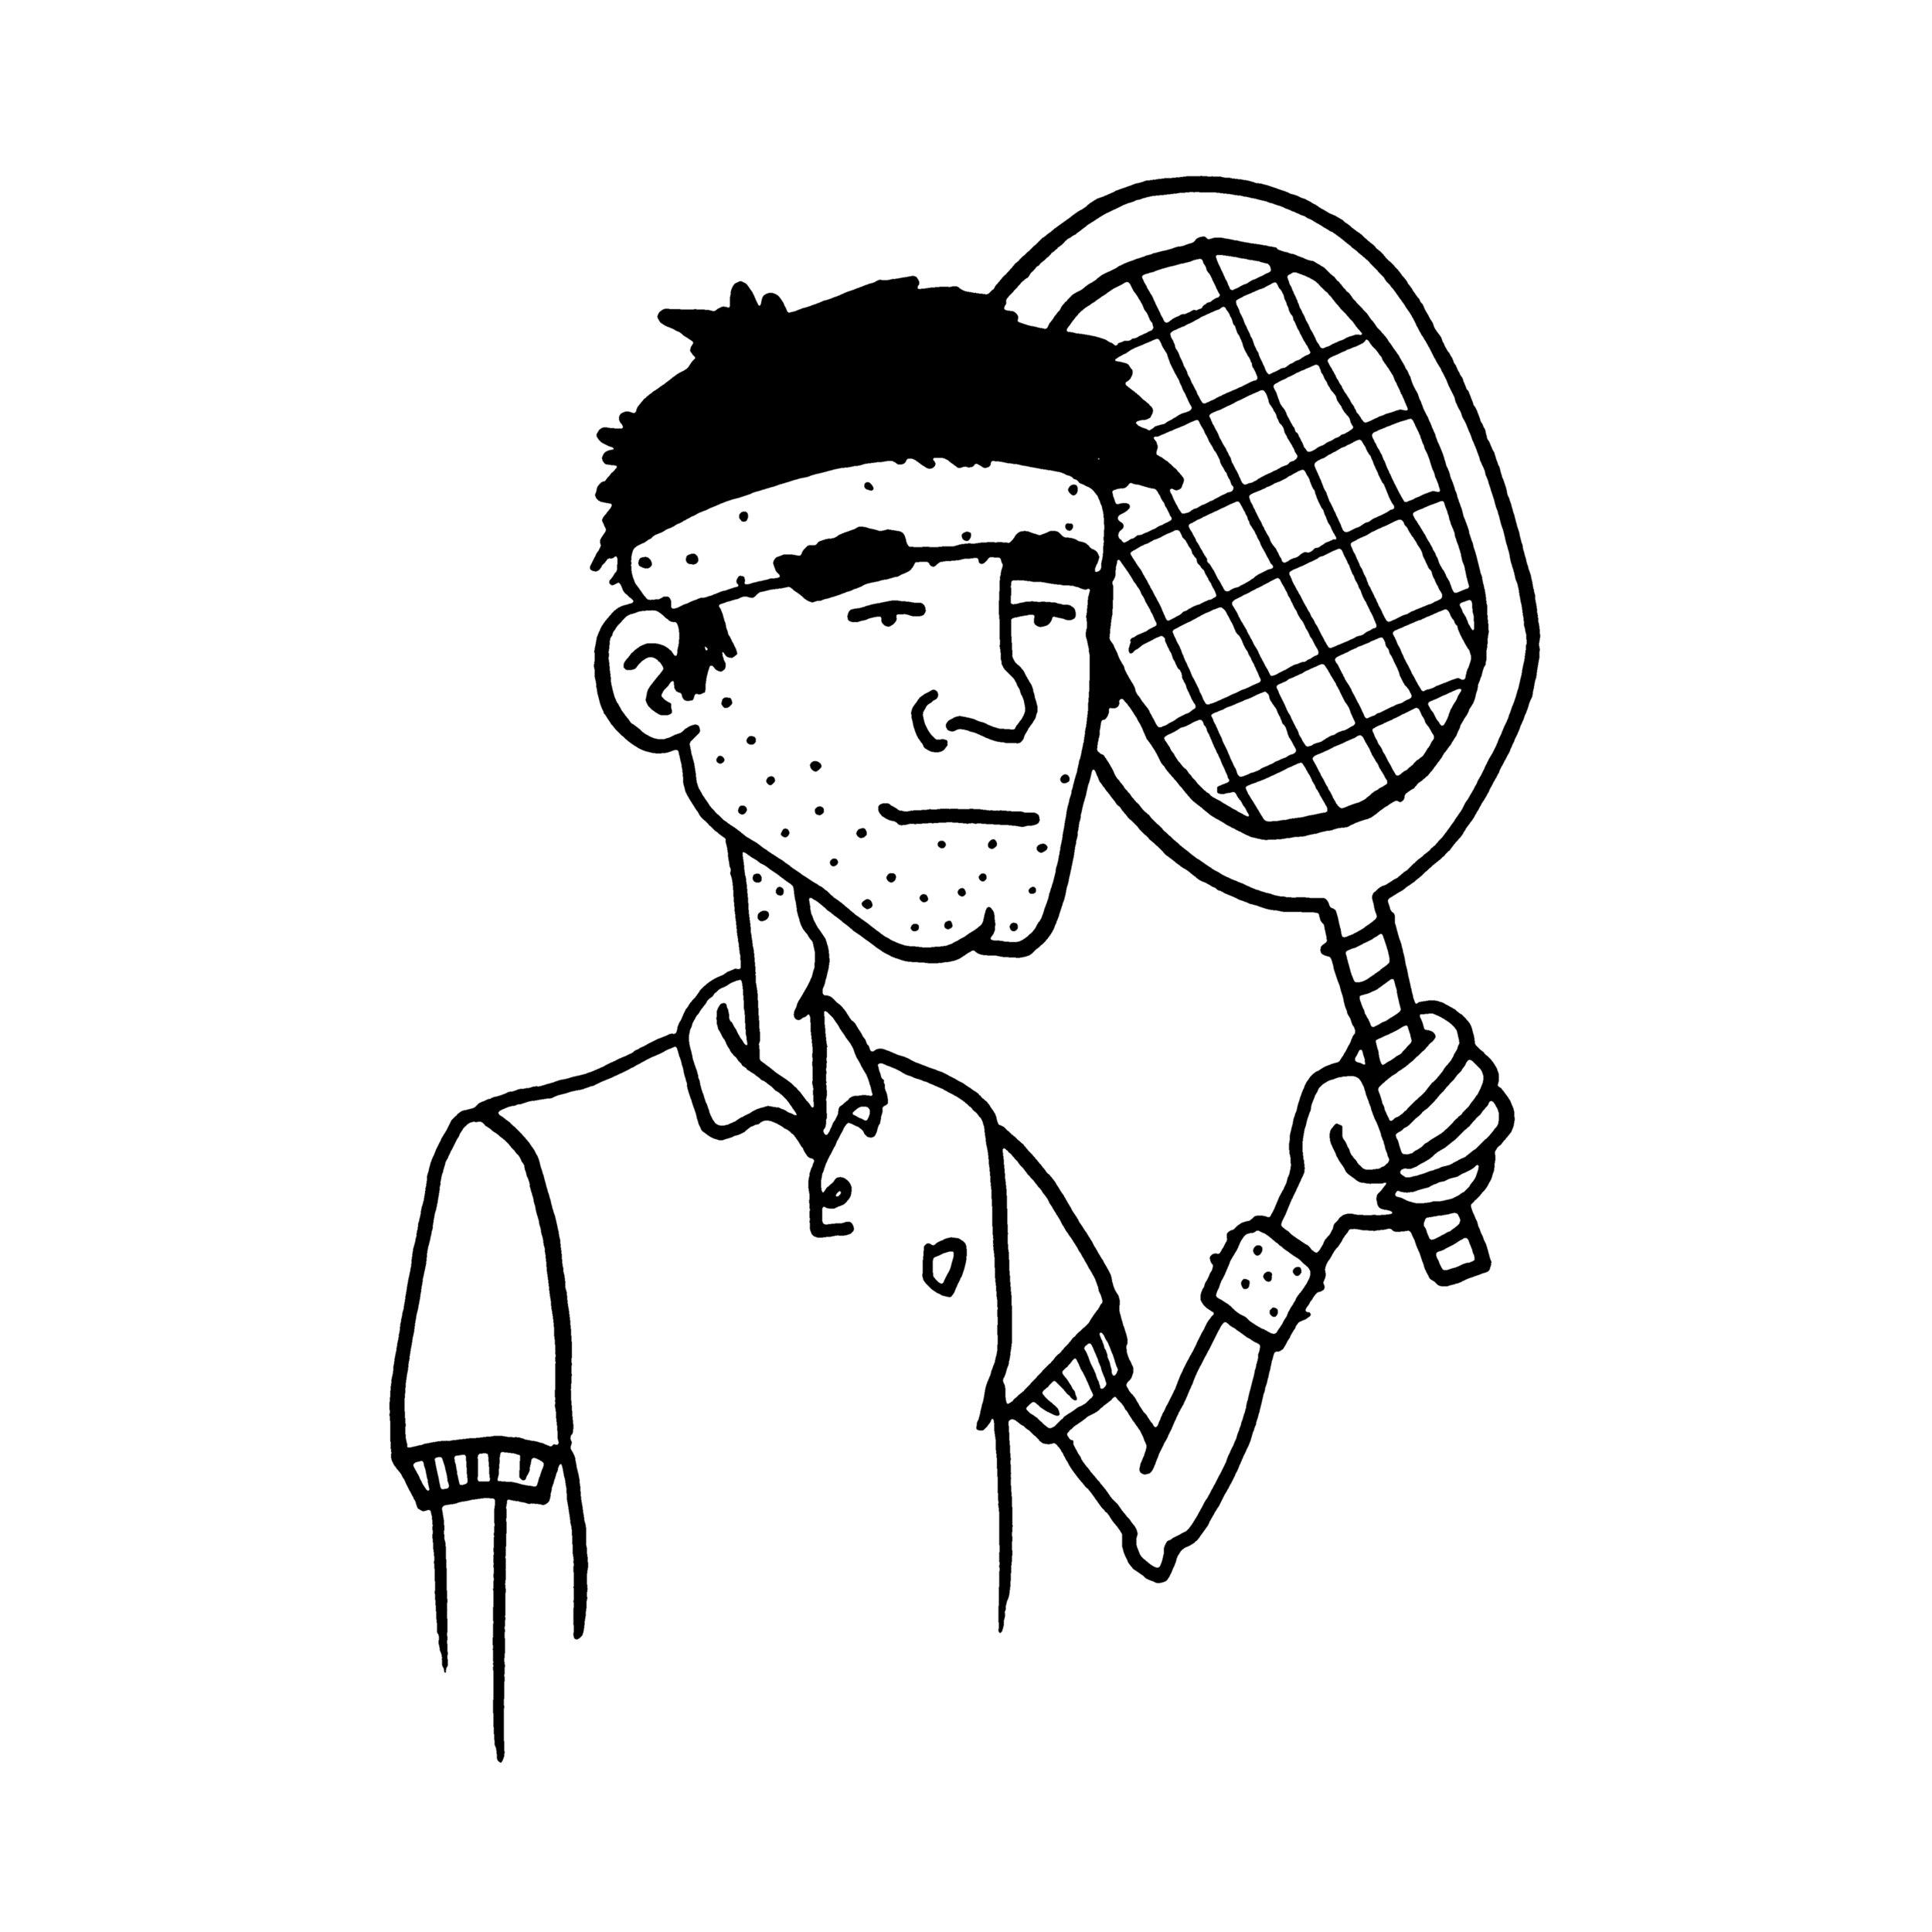 tennis_guy.jpg